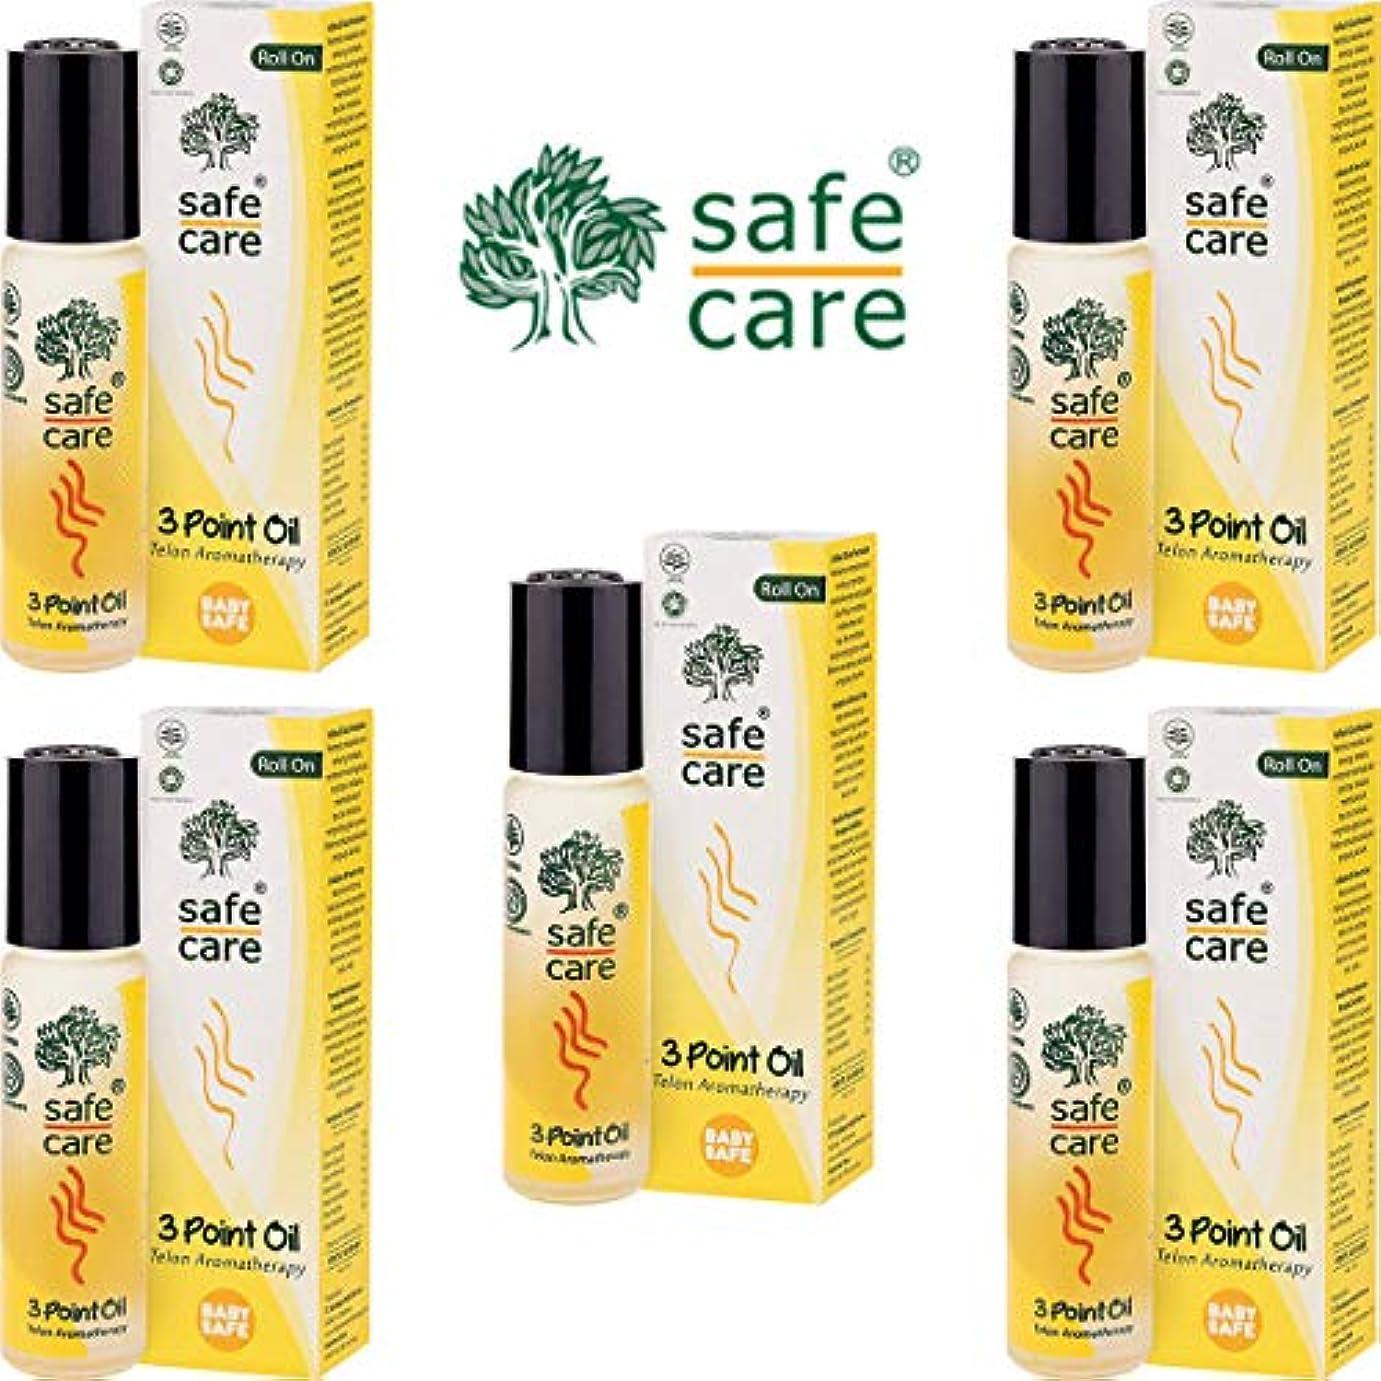 九福祉わずかにSafe Care セーフケア Aromatherapy Telon 3Point Oil アロマテラピー リフレッシュオイル テロン3ポイントオイル ロールオン 10ml×5本セット [海外直送品]